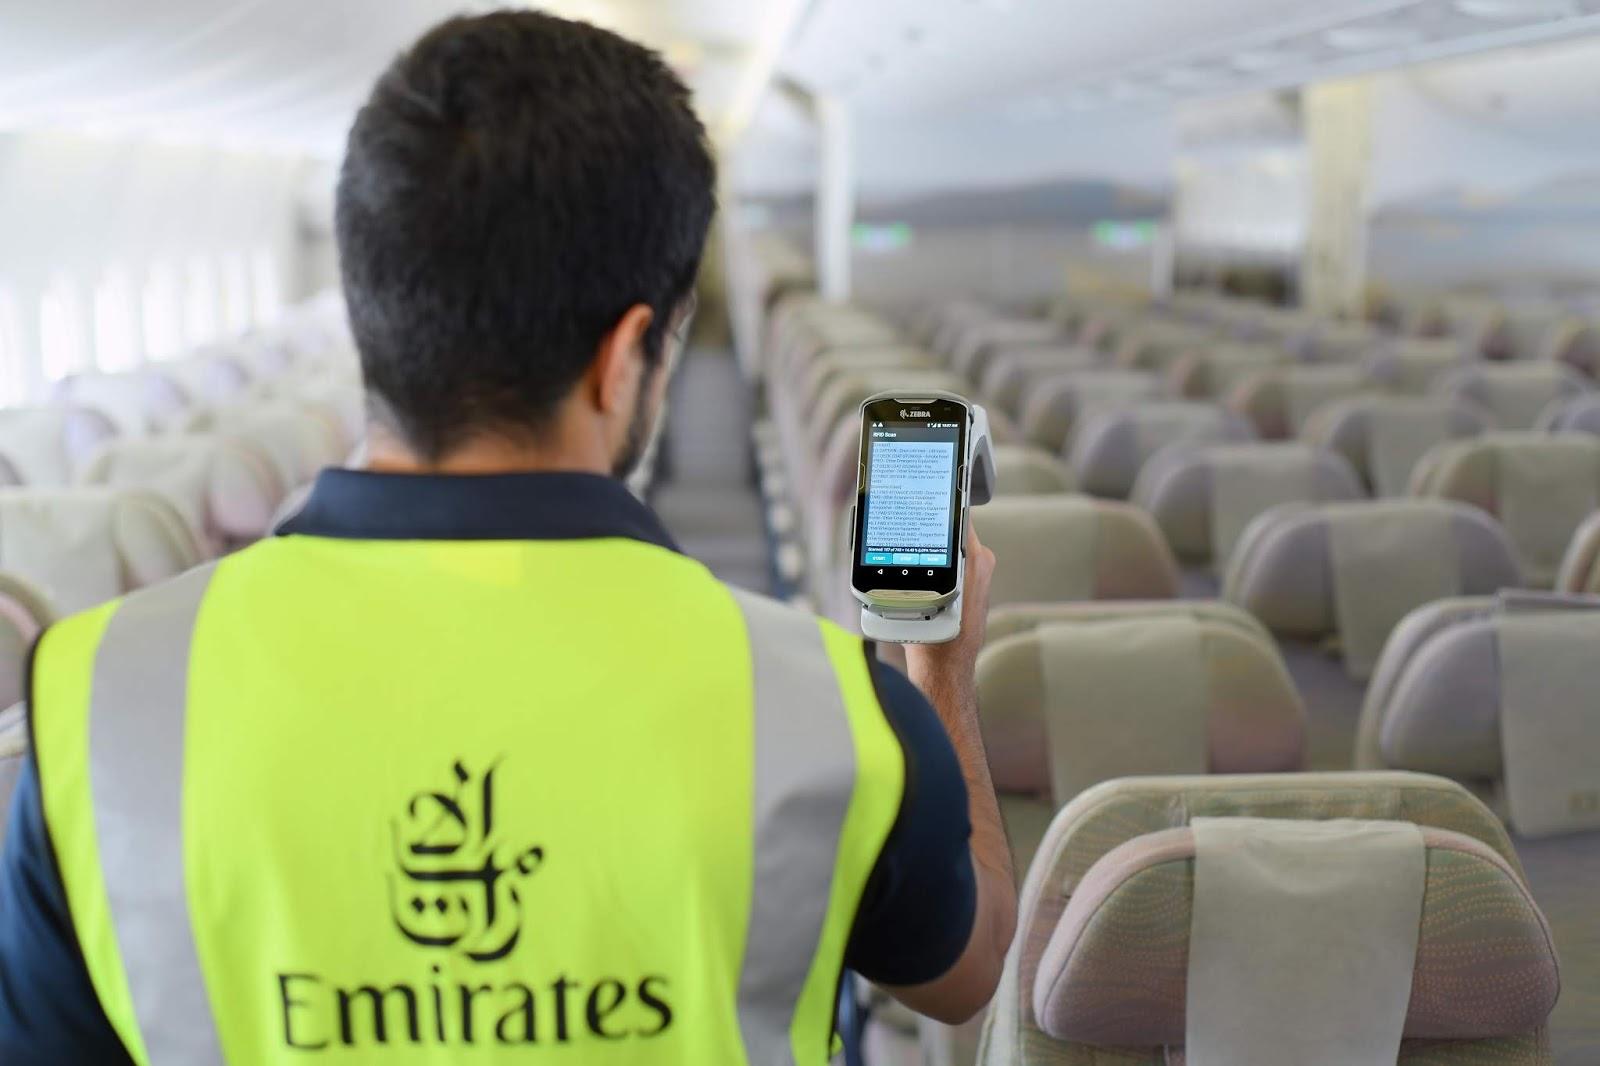 Emirates otimiza tempo de inspeção dos equipamentos de emergência na frota de seus aviões | É MAIS QUE VOAR